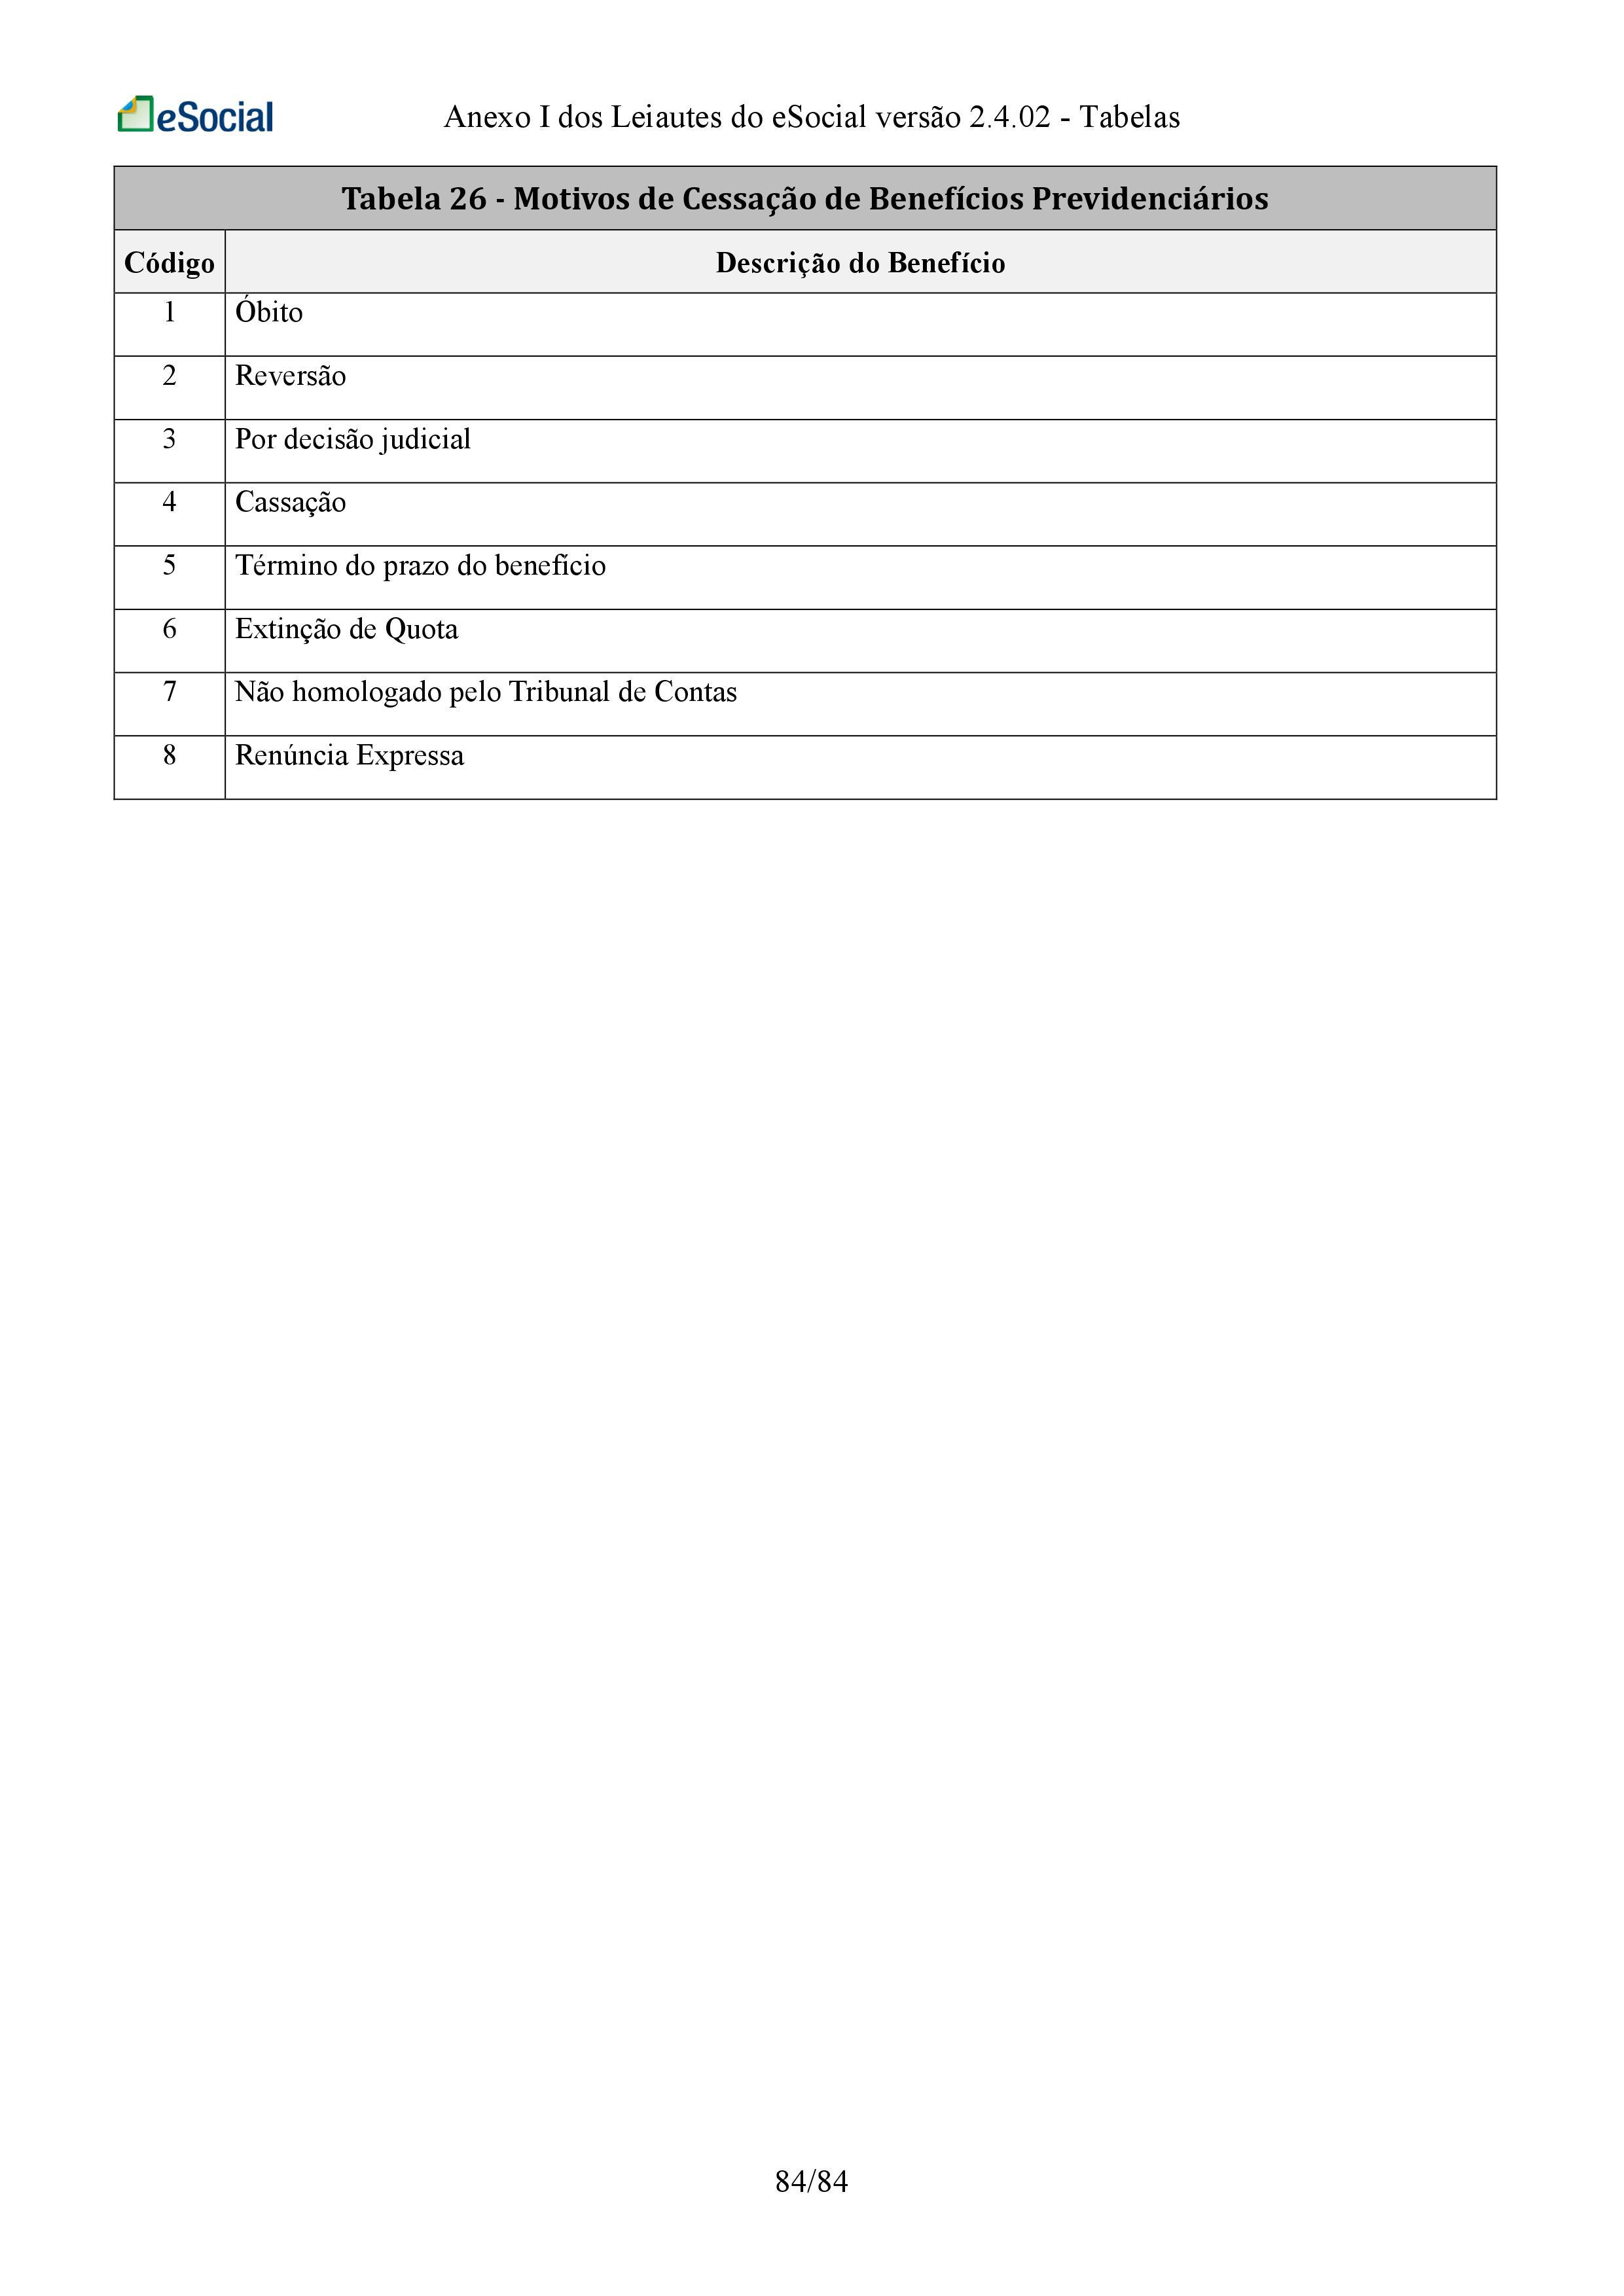 Tabela 26